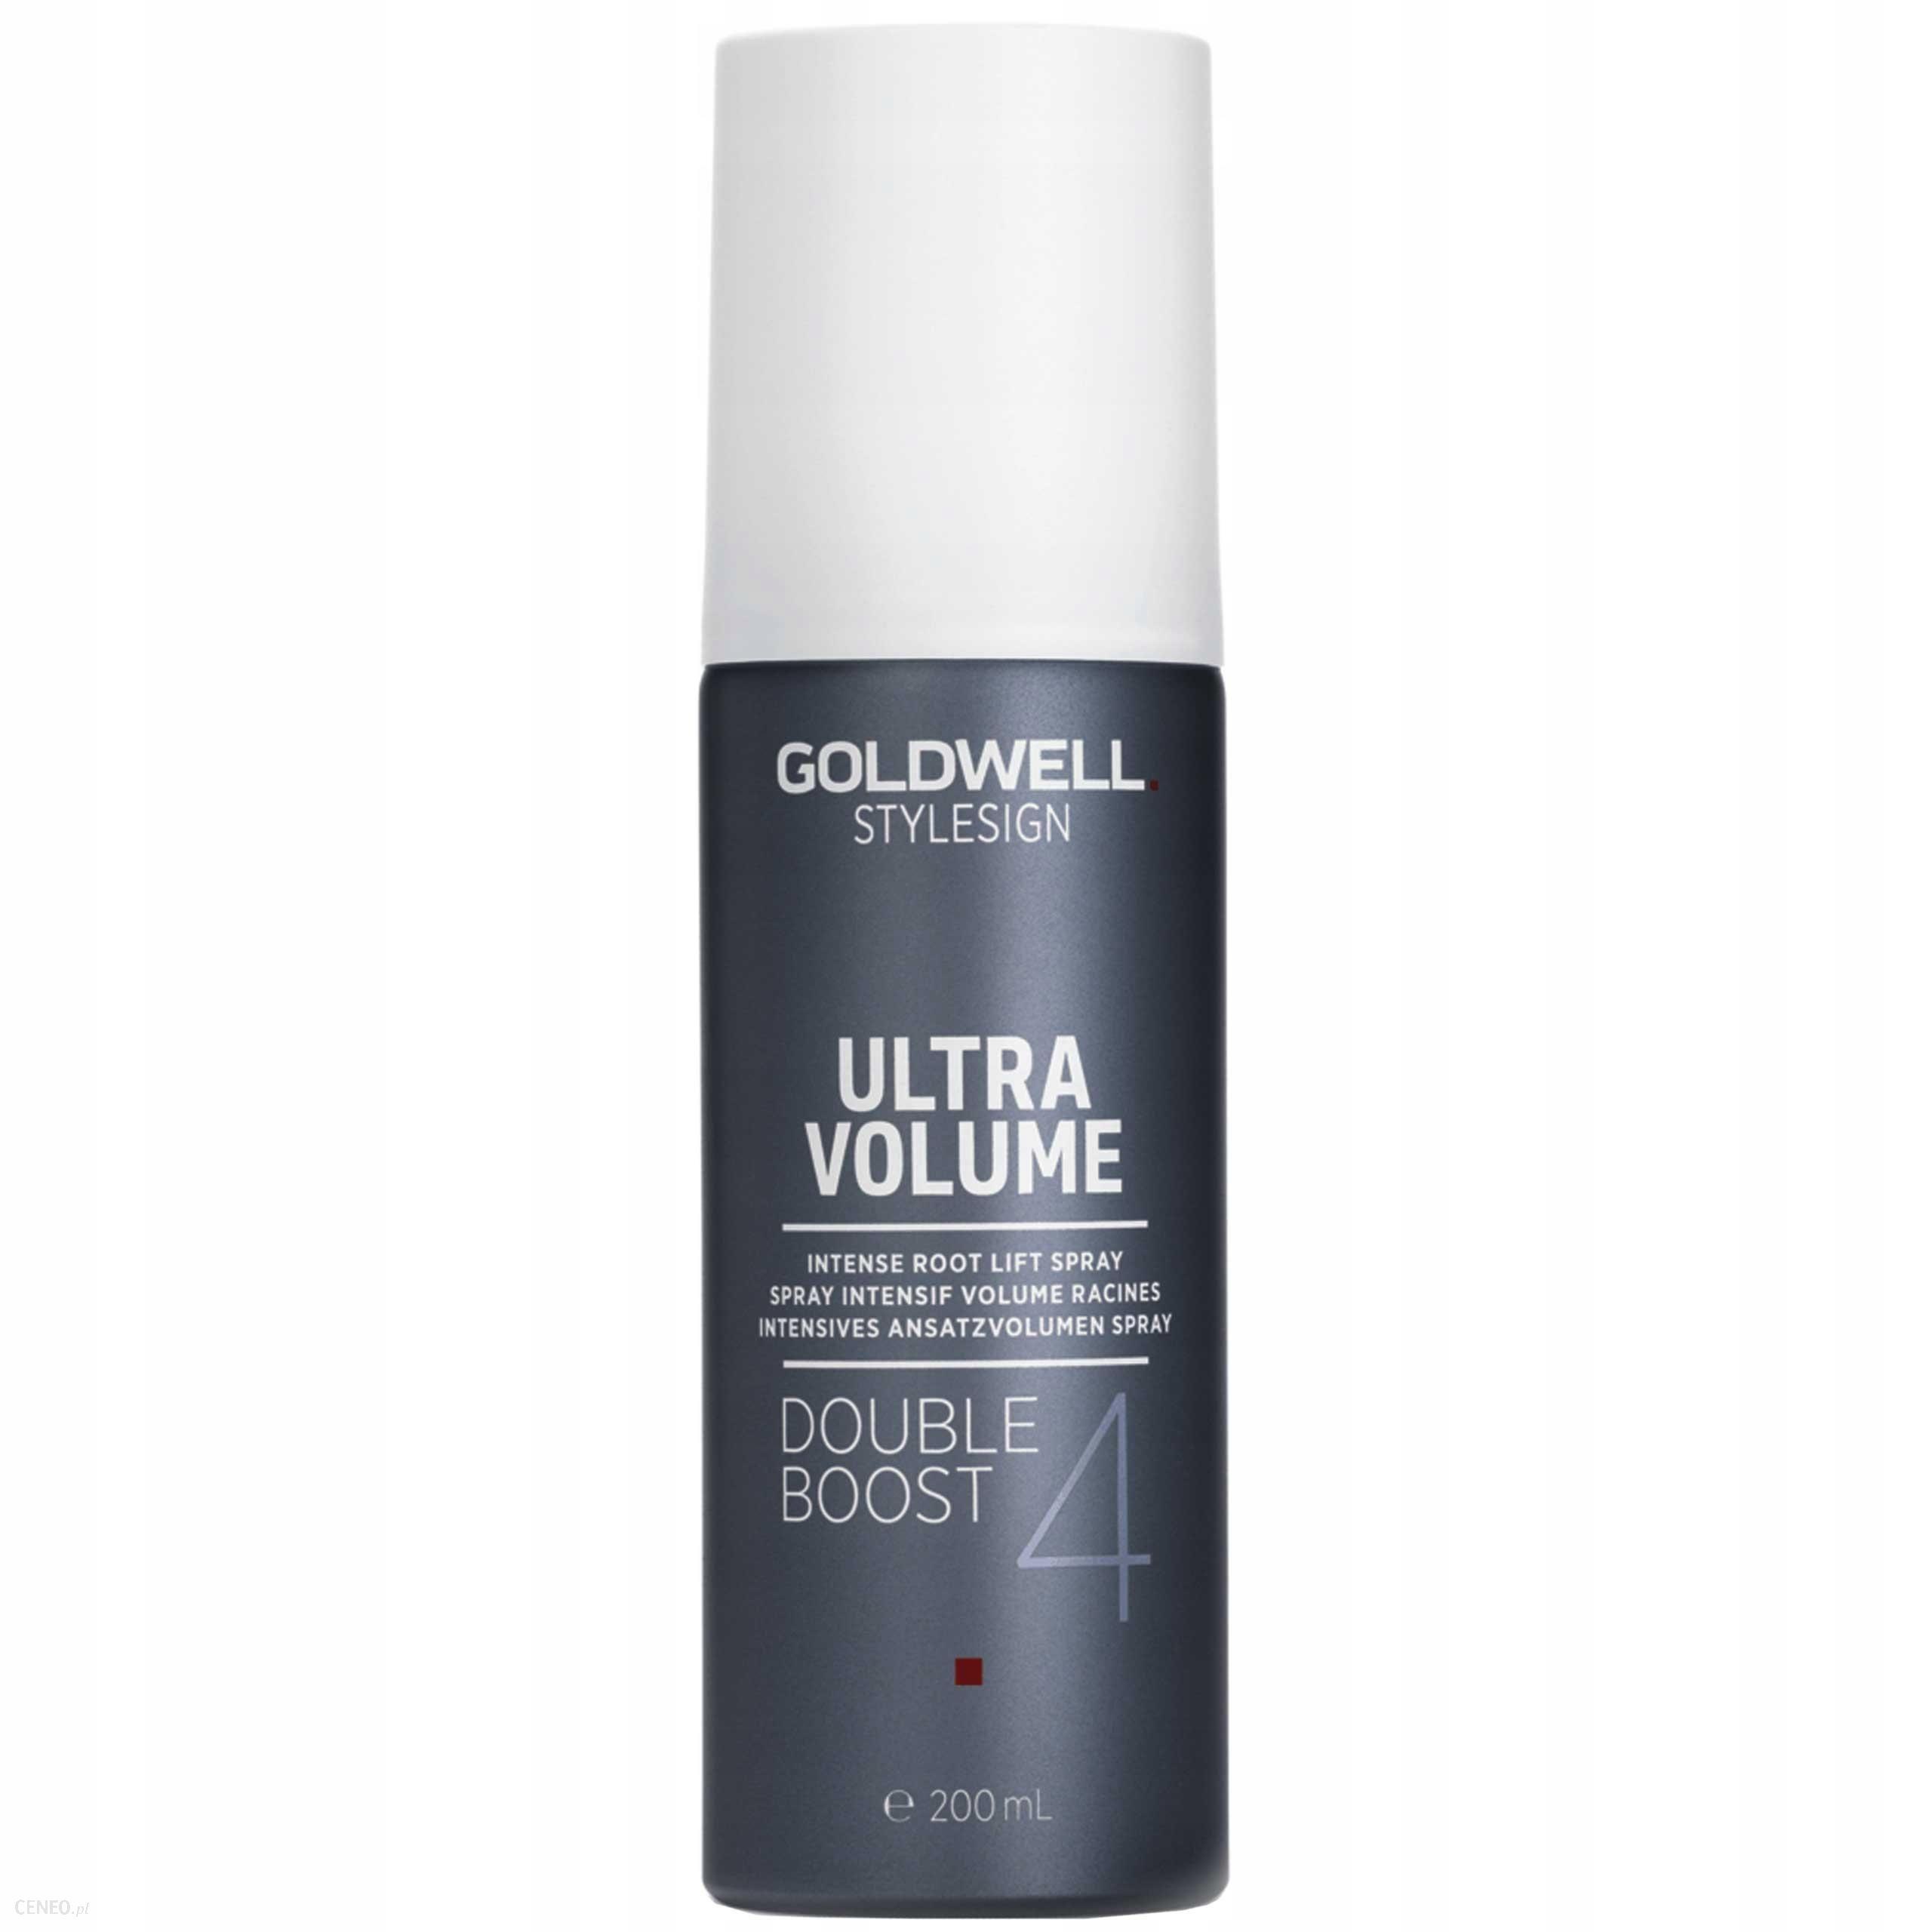 Goldwell StyleSign Volume Double Boost pianka zwiększająca objetość do włosów 200ml